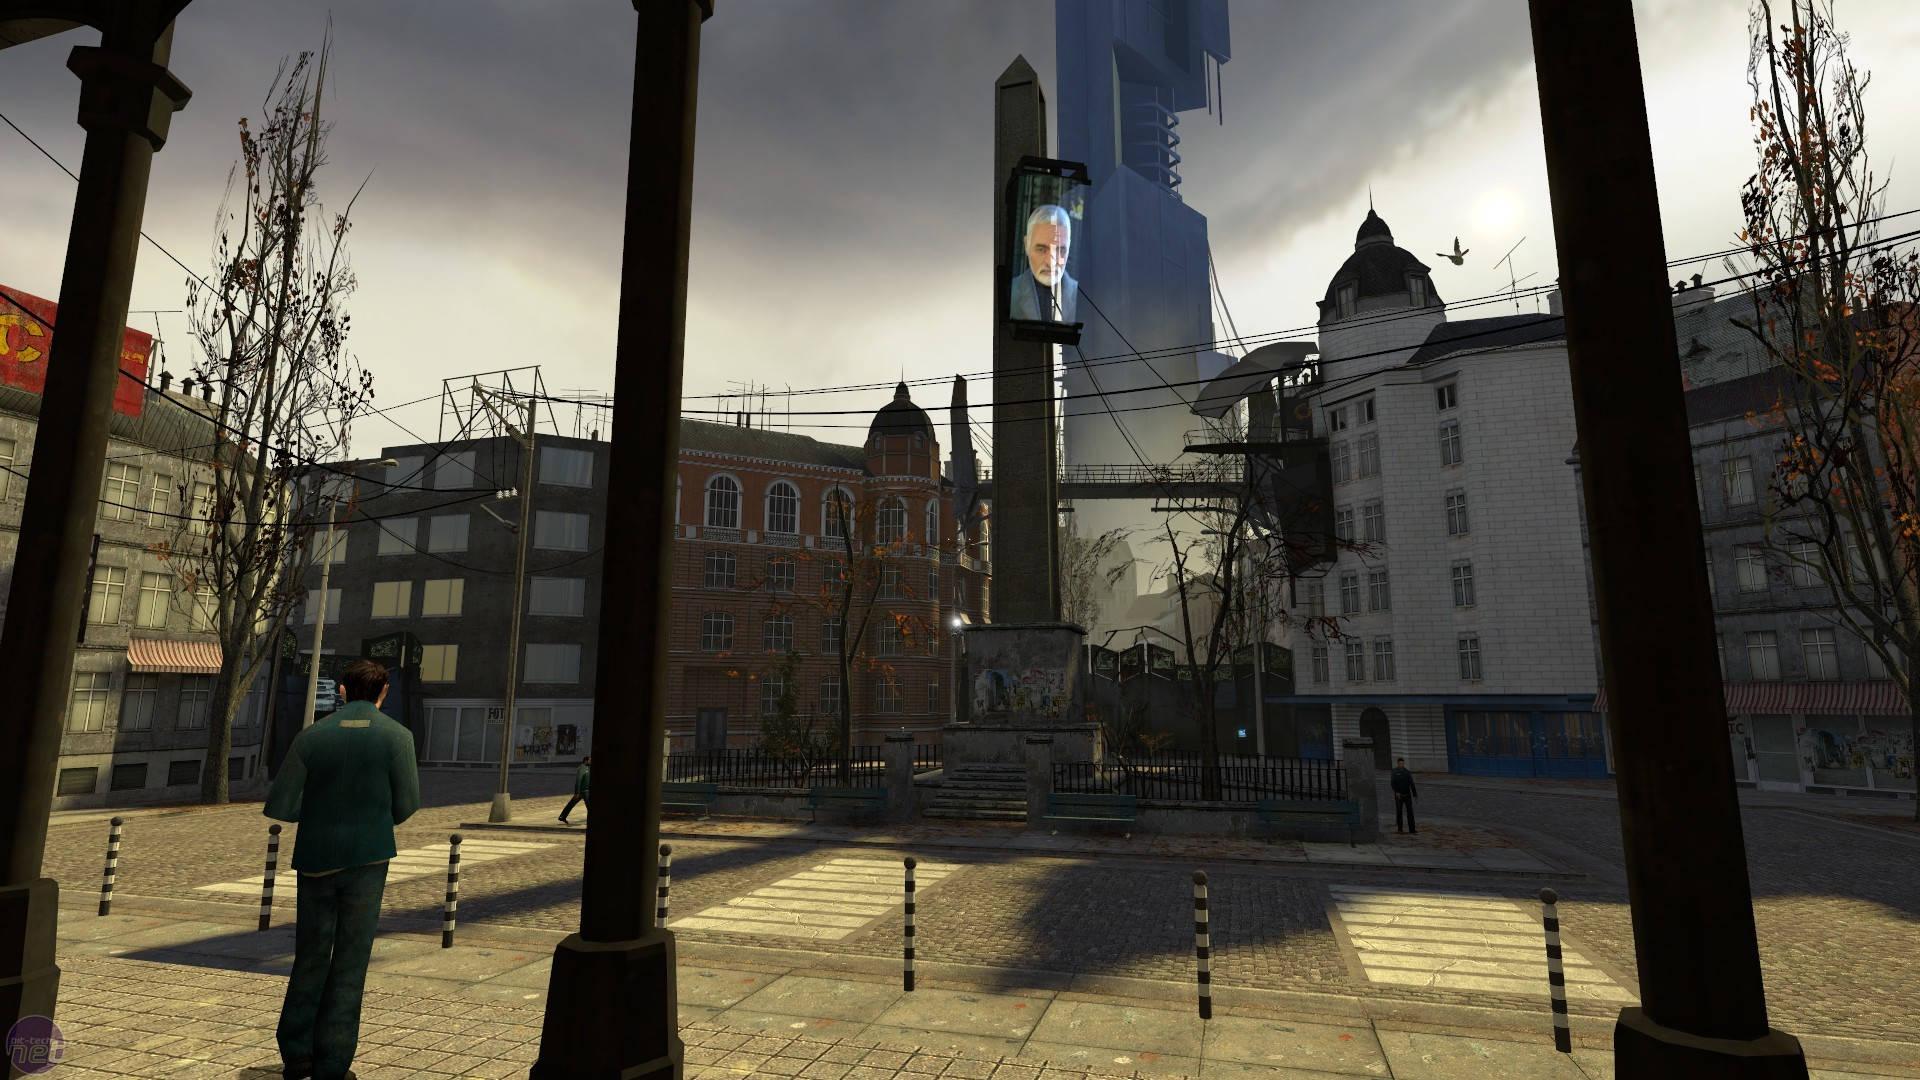 Der Bahnhofplatz von City 17. Die Idylle täuscht. Die Stadt ist ein trostloser Ort. (Bild: Valve)